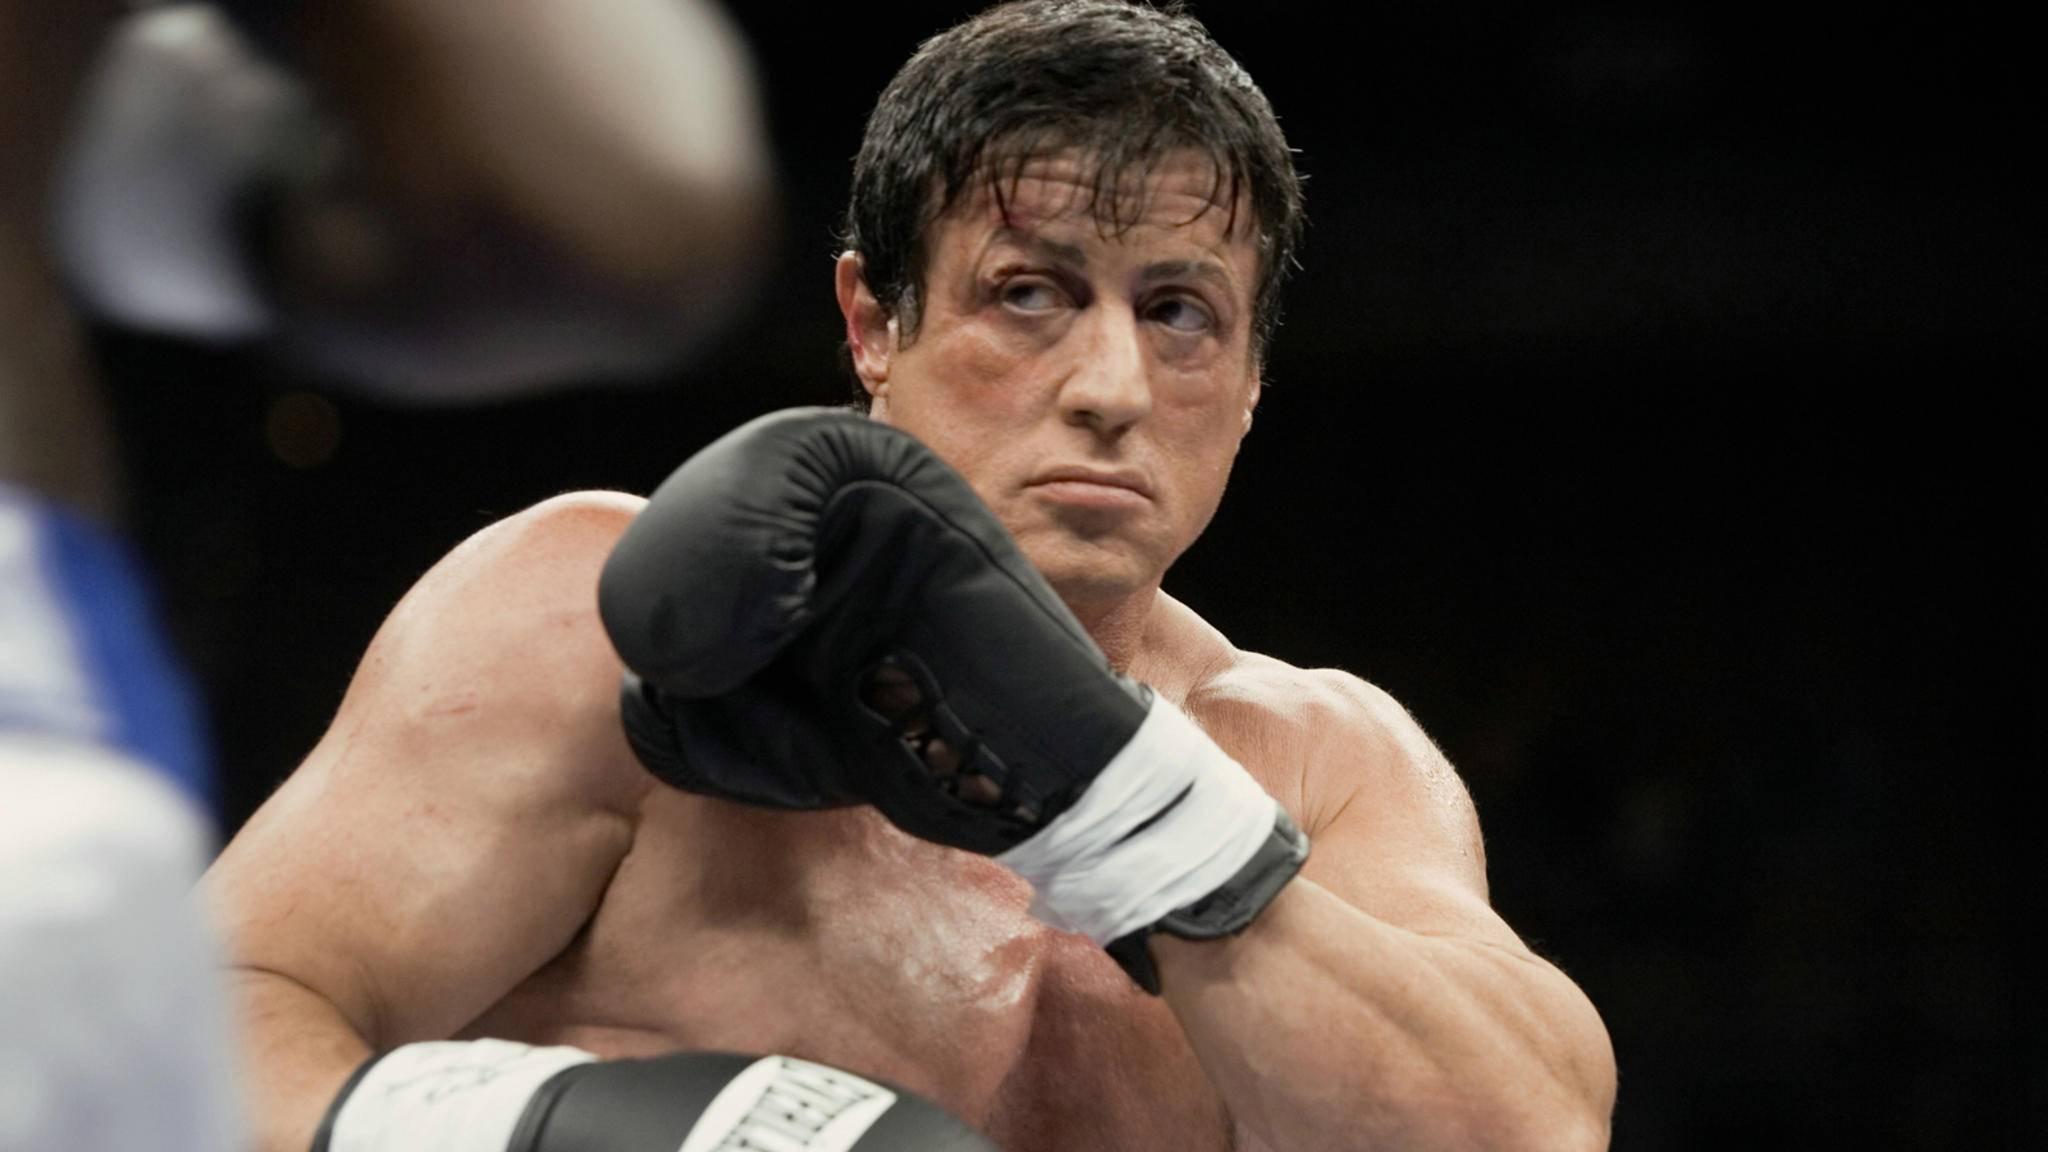 """Im Laufe der """"Rocky""""-Filme musste Sylvester Stallone als Titelheld einige Tiefschläge einstecken, doch er rappelte sich immer wieder auf."""